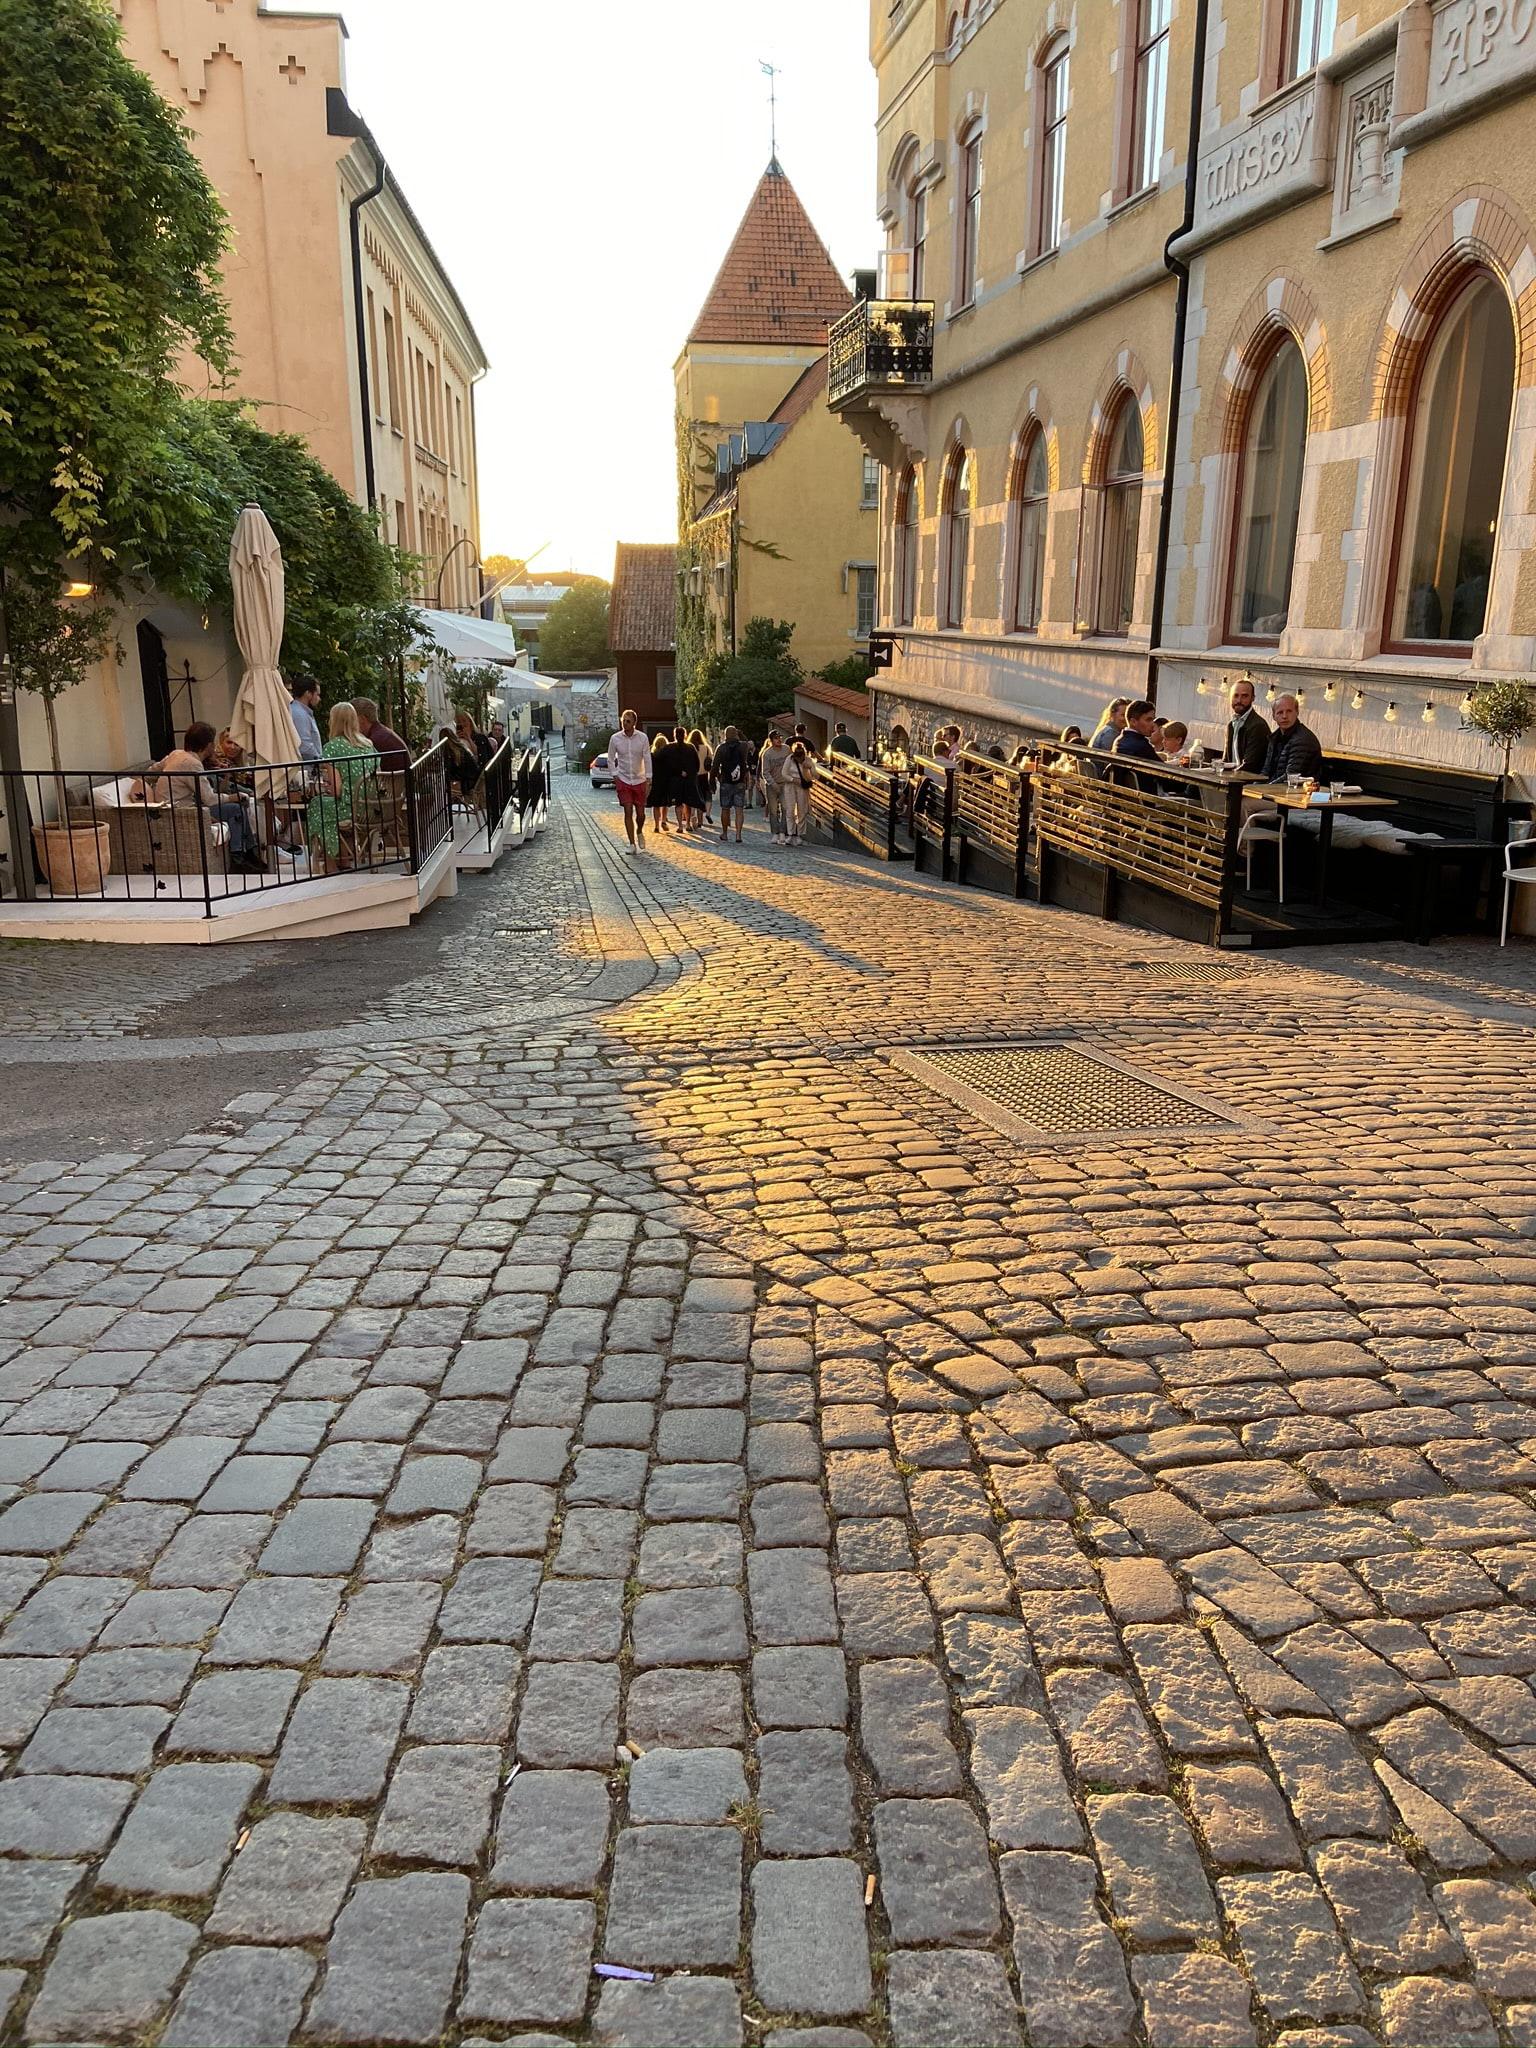 Bar Kemi till höger – Bild från Bar Kemi av Fredrik J.